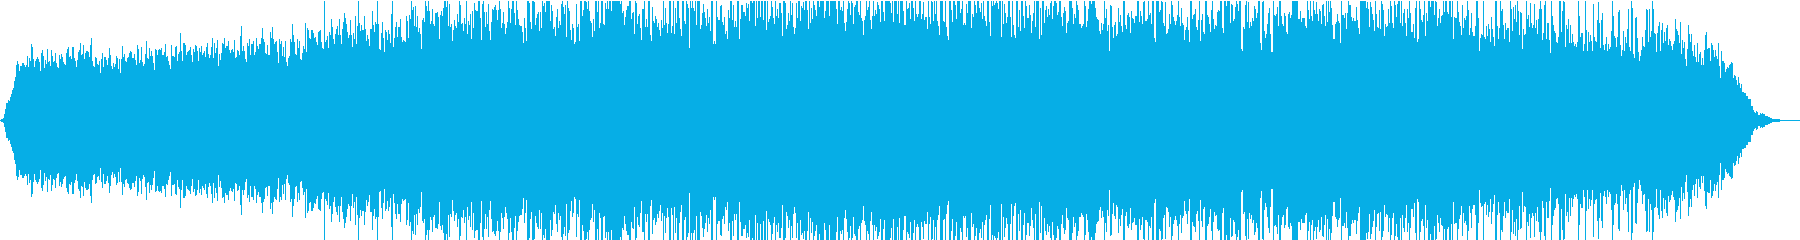 暖かい雰囲気のアンビエント の再生済みの波形